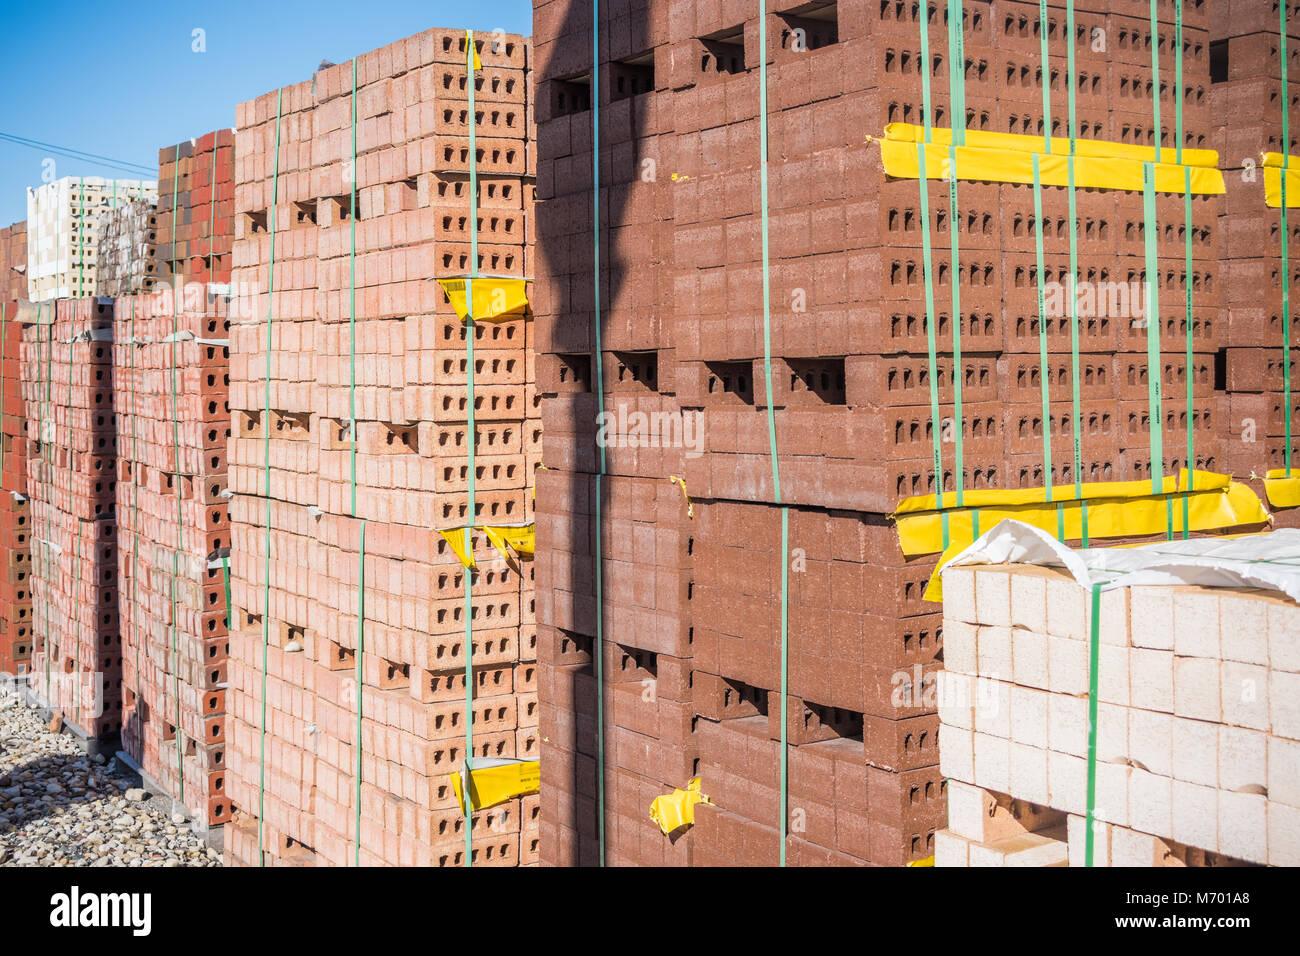 Joliet Illinois Stock Photos & Joliet Illinois Stock ...